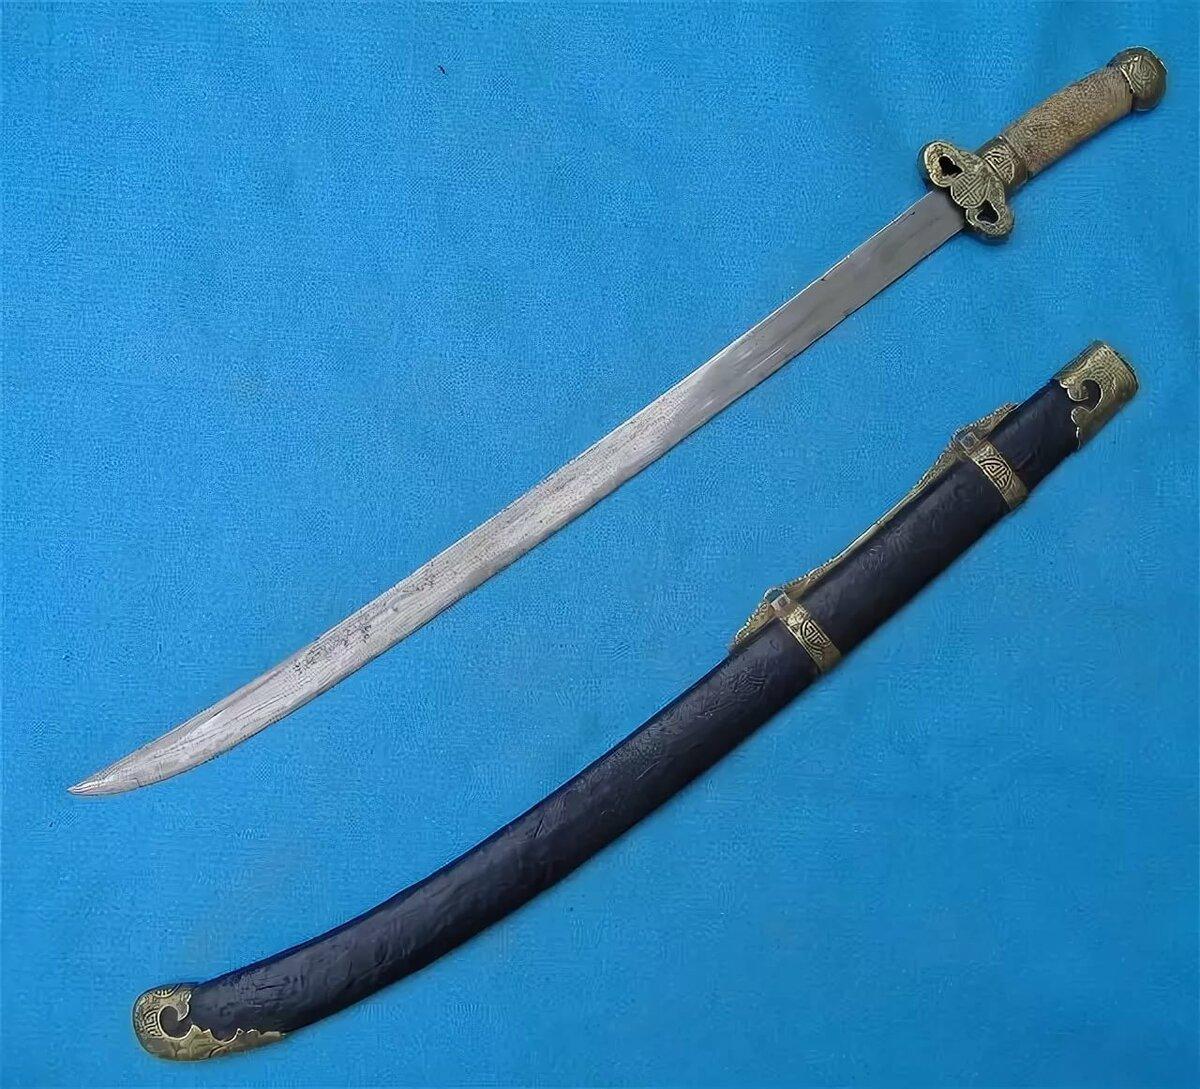 справедливости ради монгольский меч картинки фотографиям